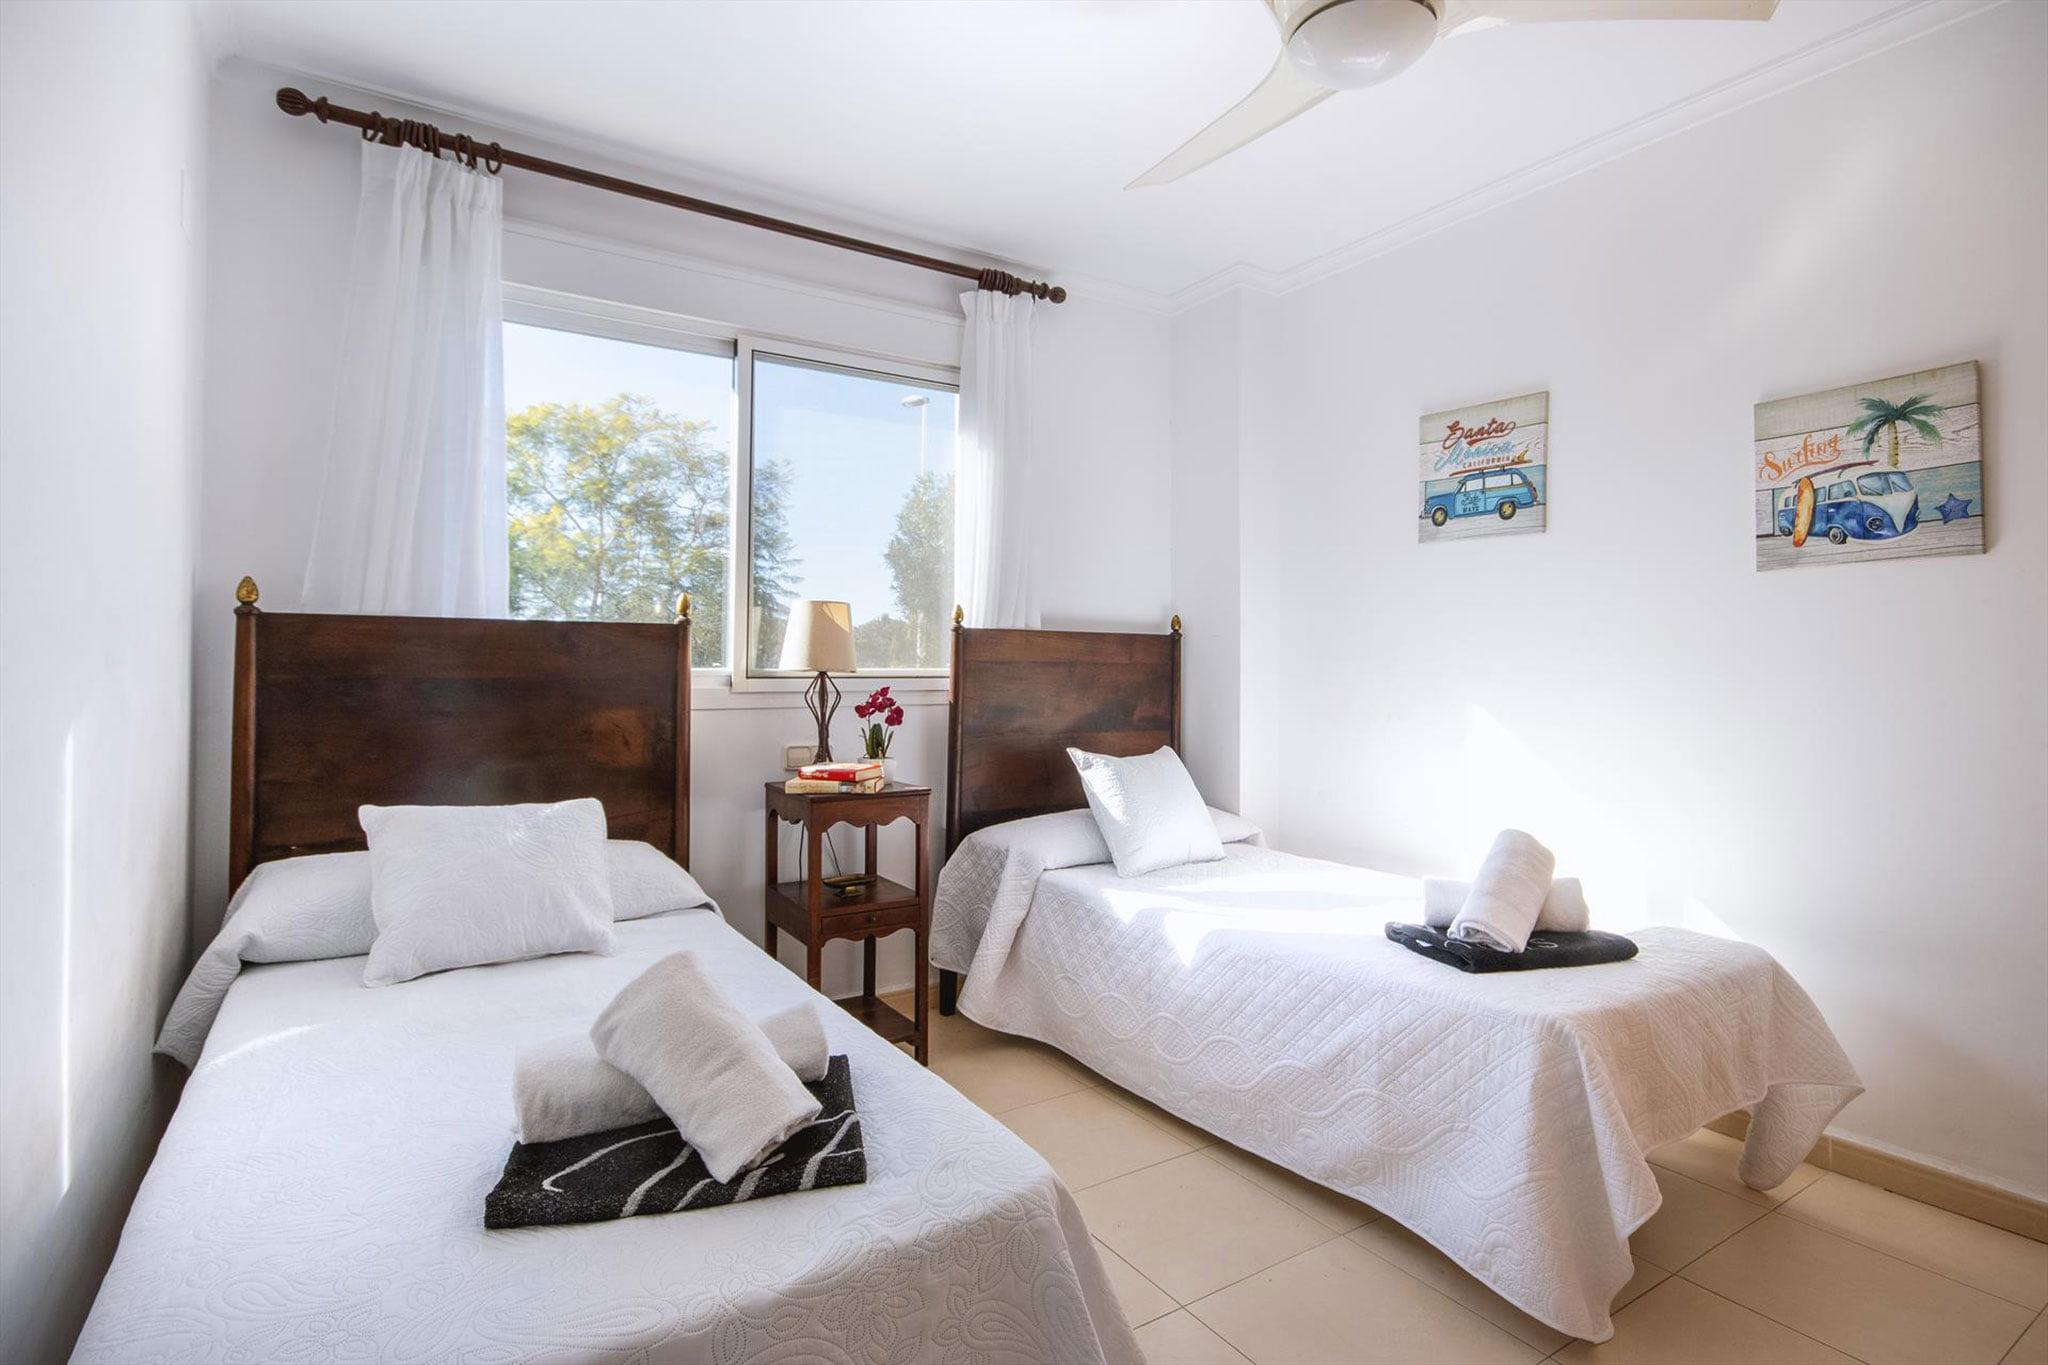 Una de las habitaciones de un apartamento de alquiler en Jávea – Aguila Rent a Villa